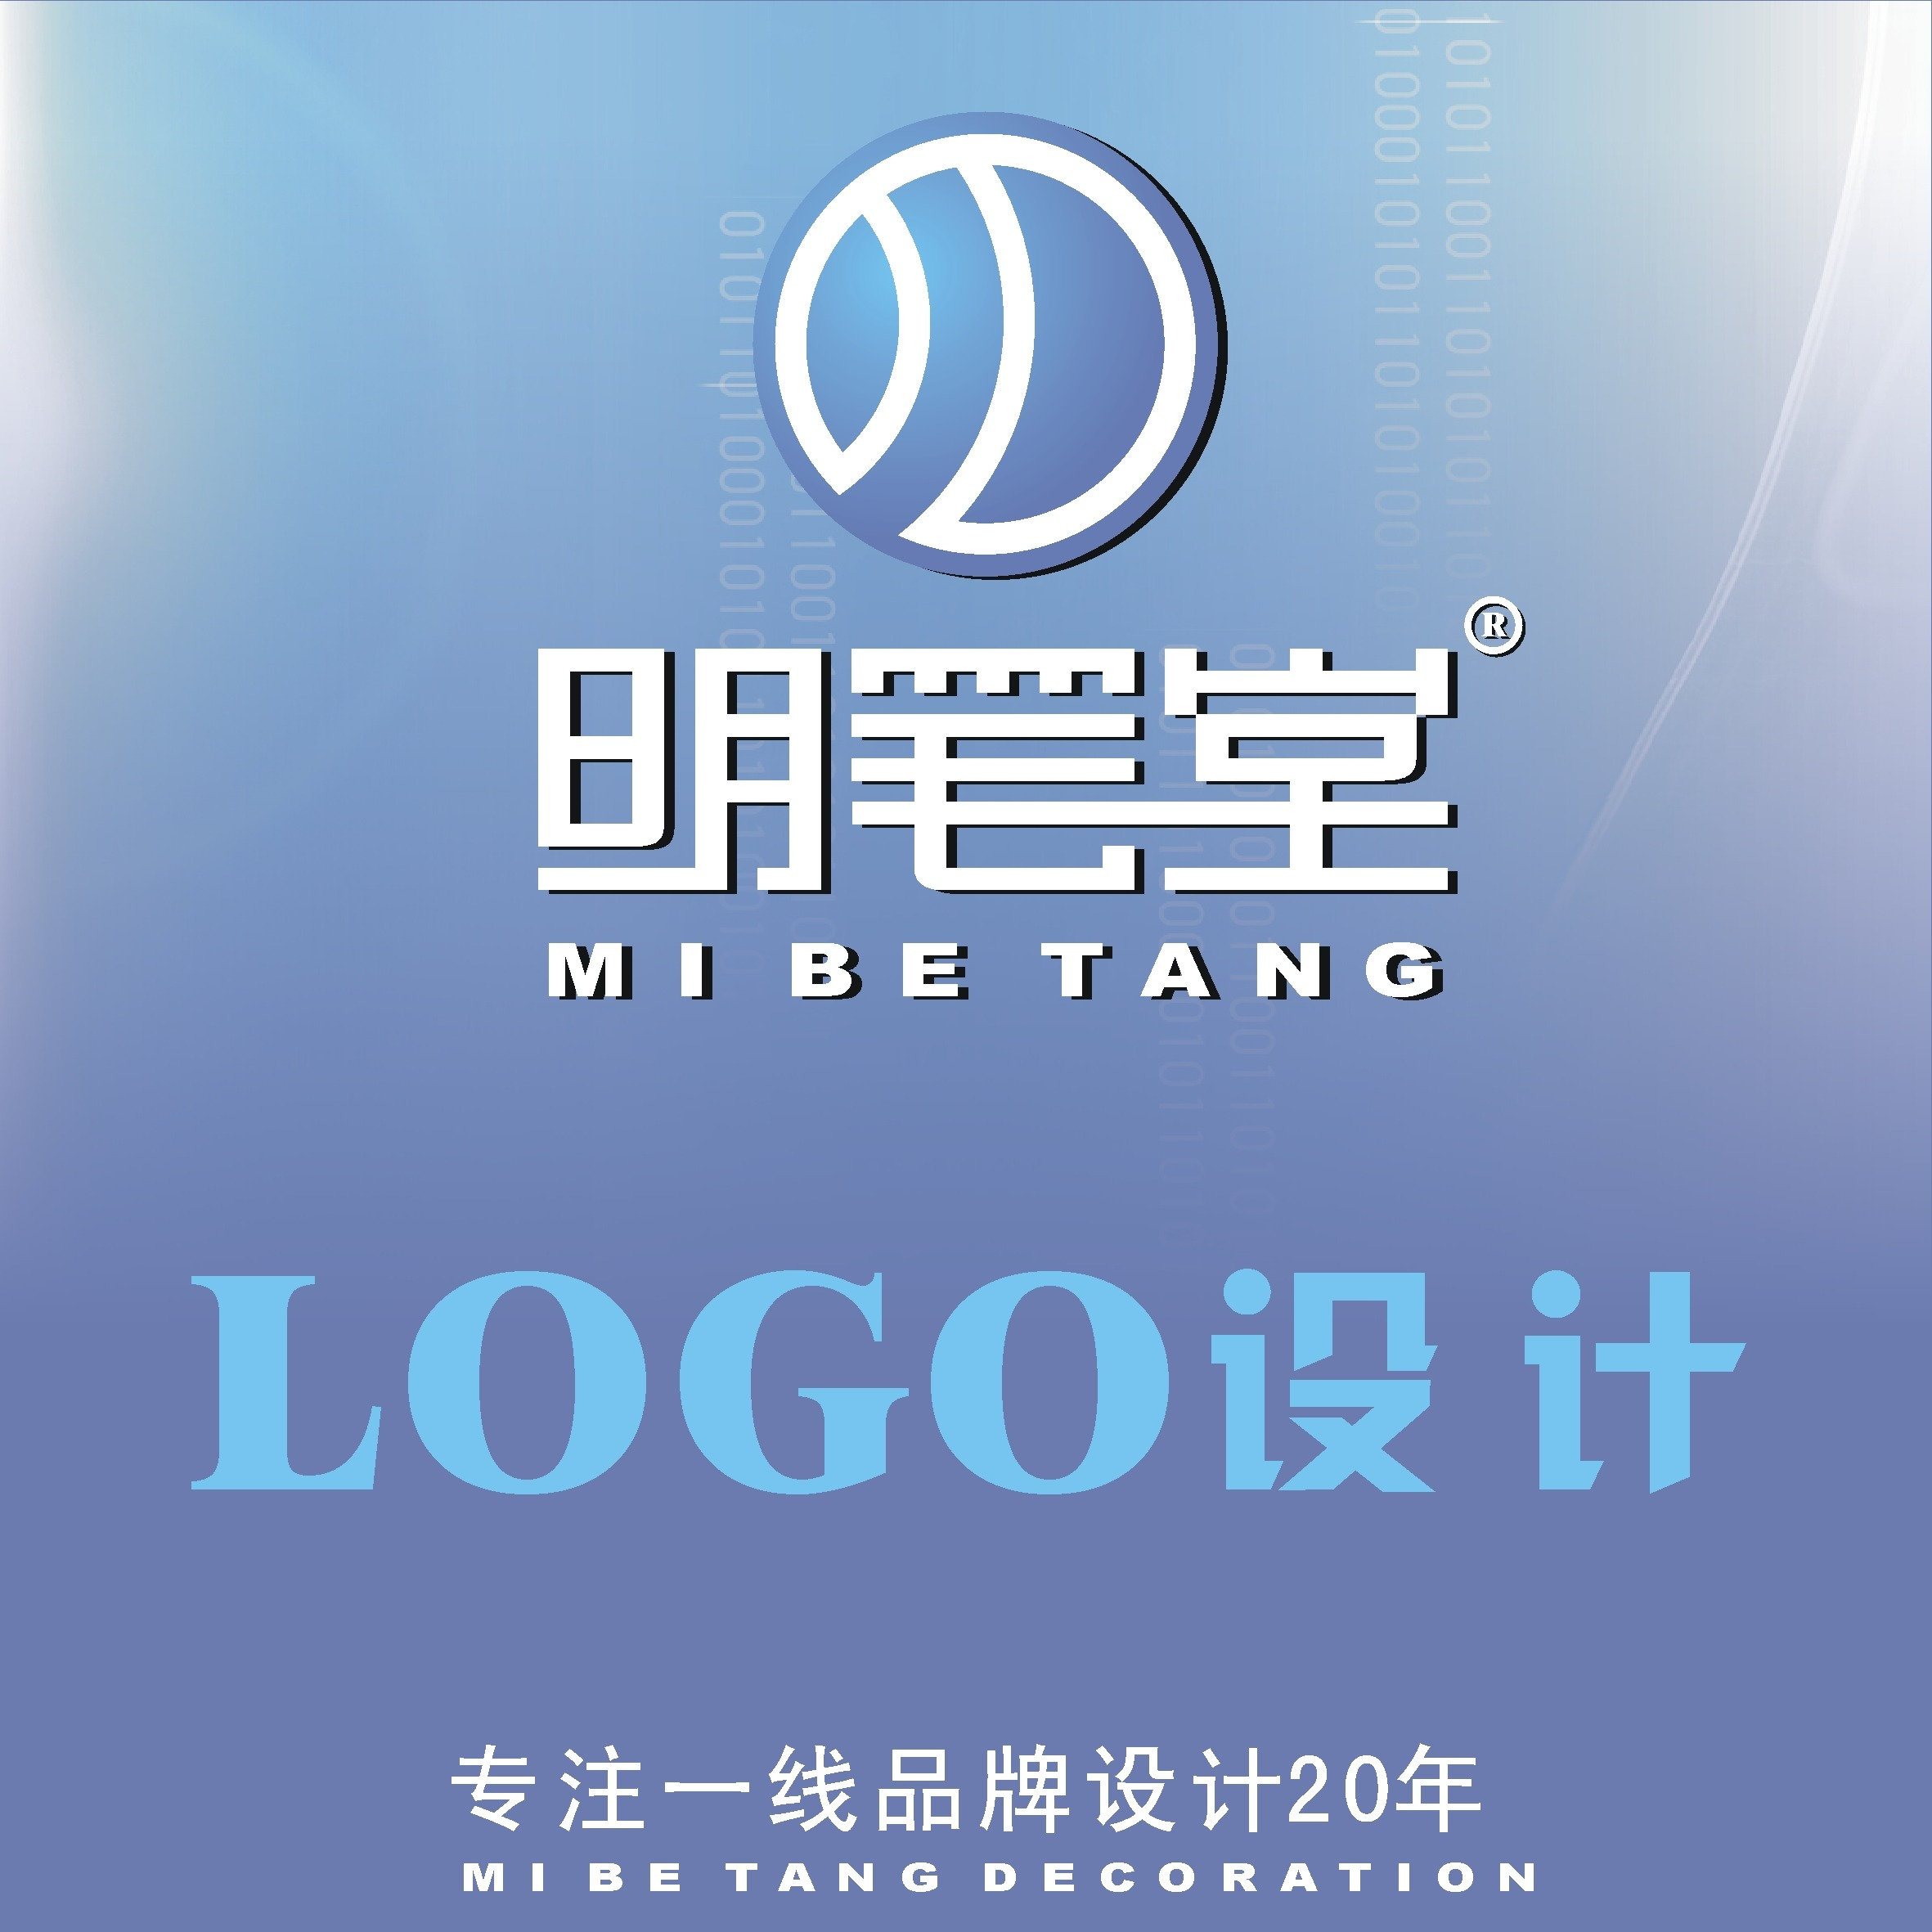 公司LOGO设计标志设计商标设计/vi设计图文标志字体设计